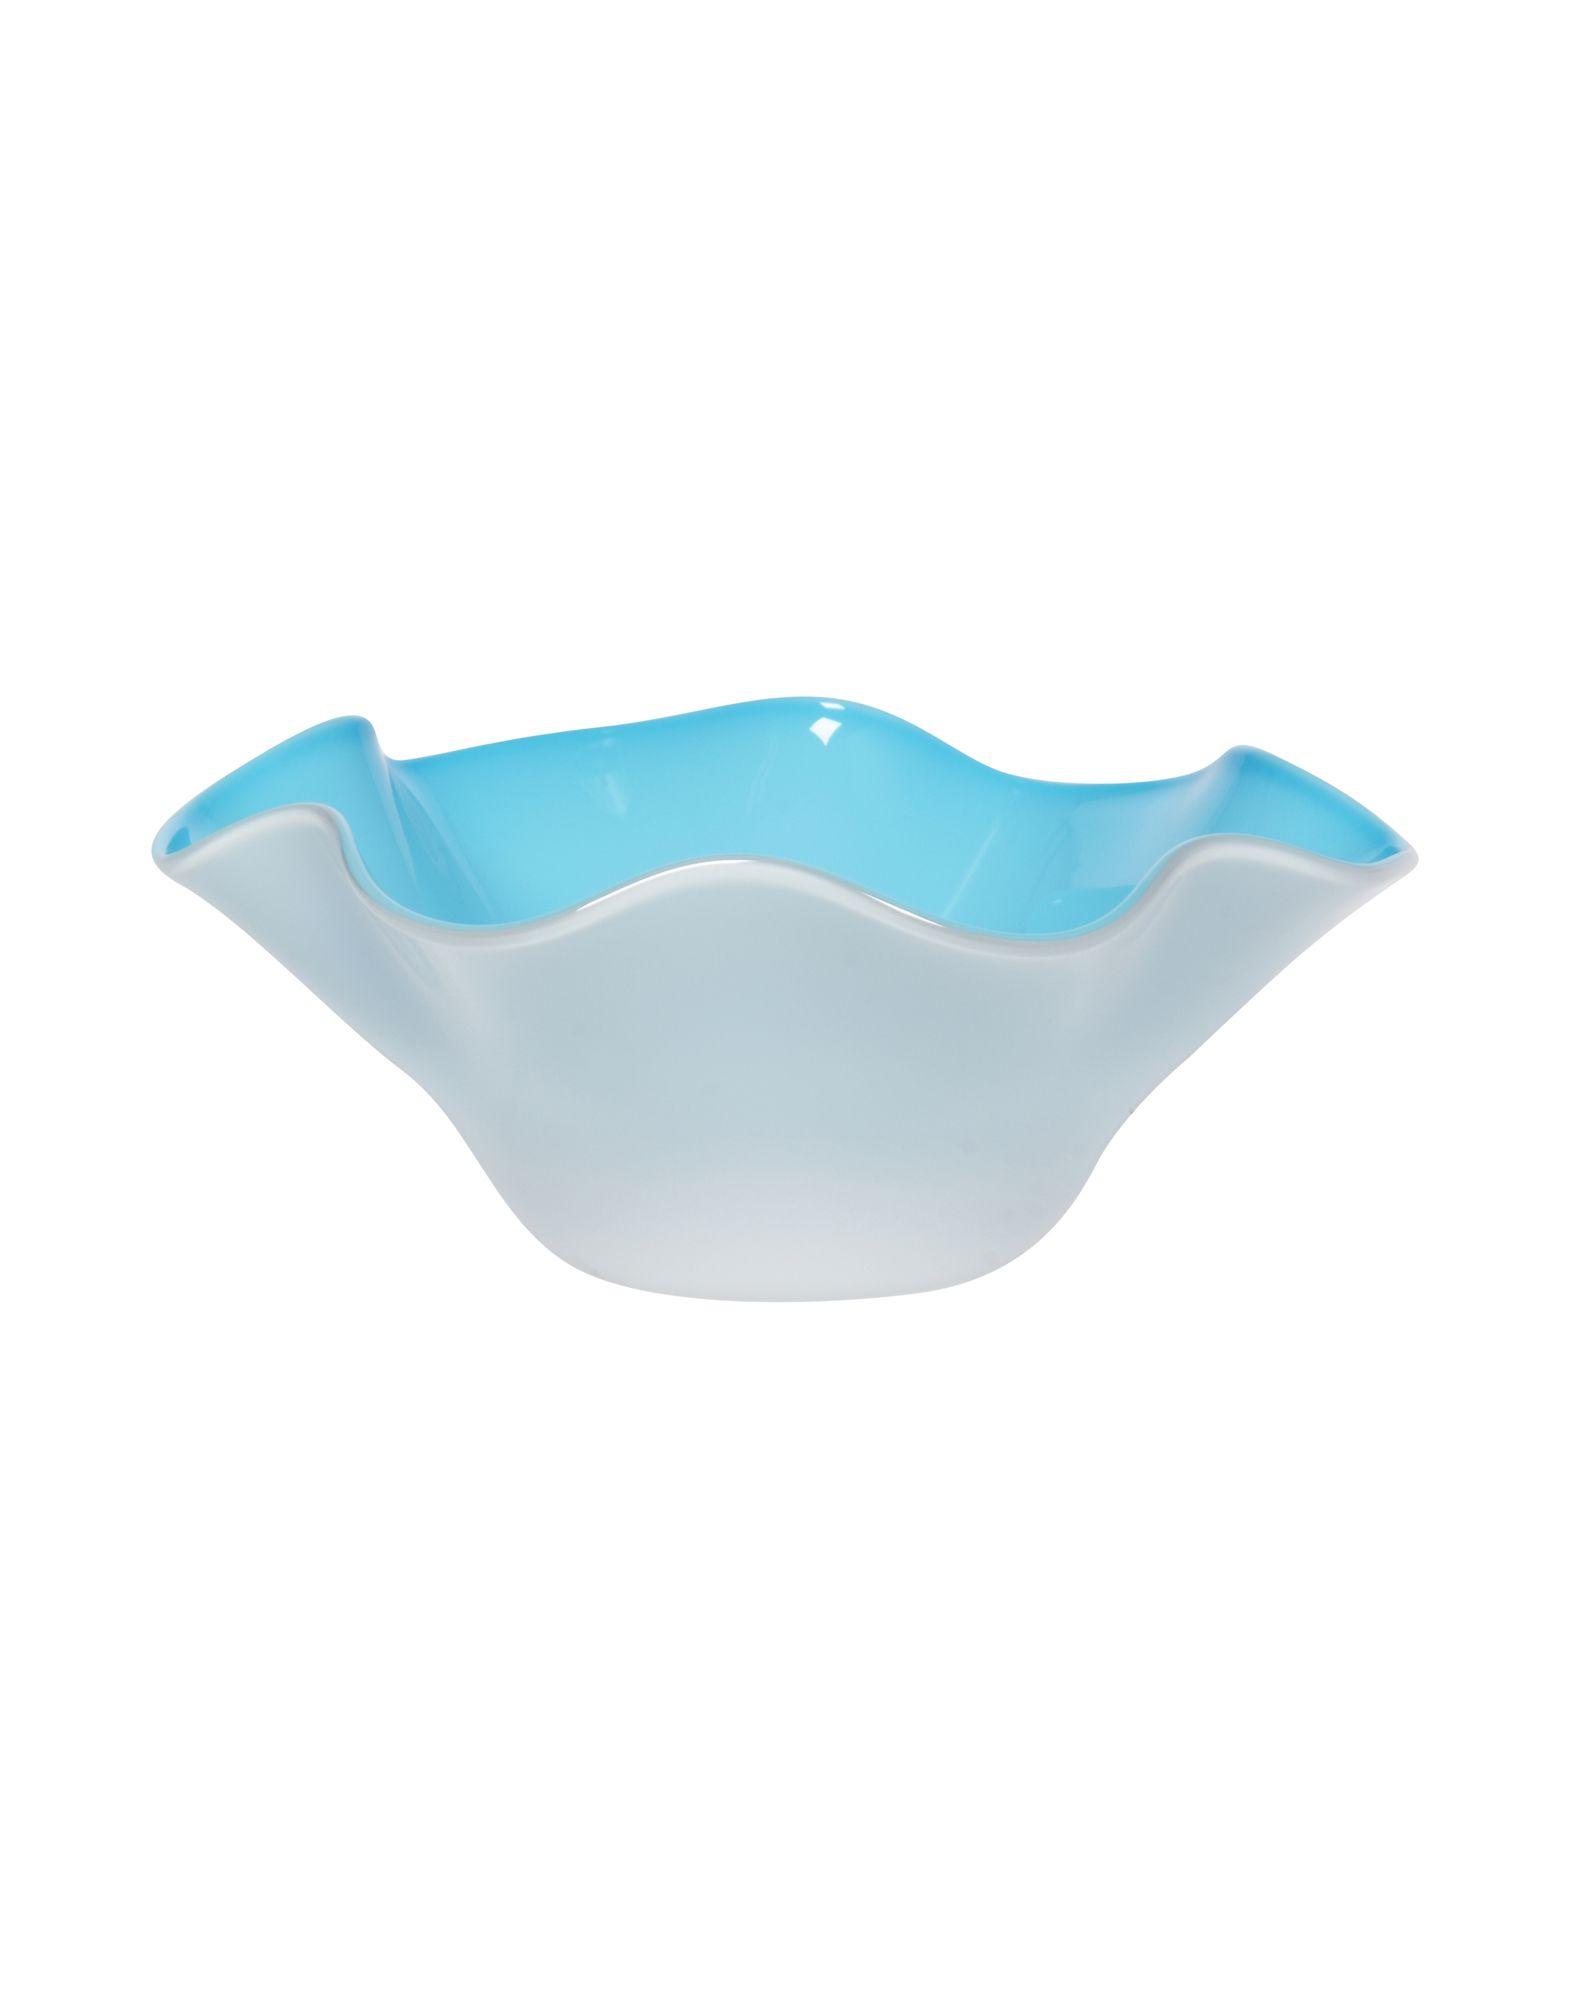 《期間限定セール開催中!》VENINI Unisex ベース スカイブルー ガラス Fazzoletto